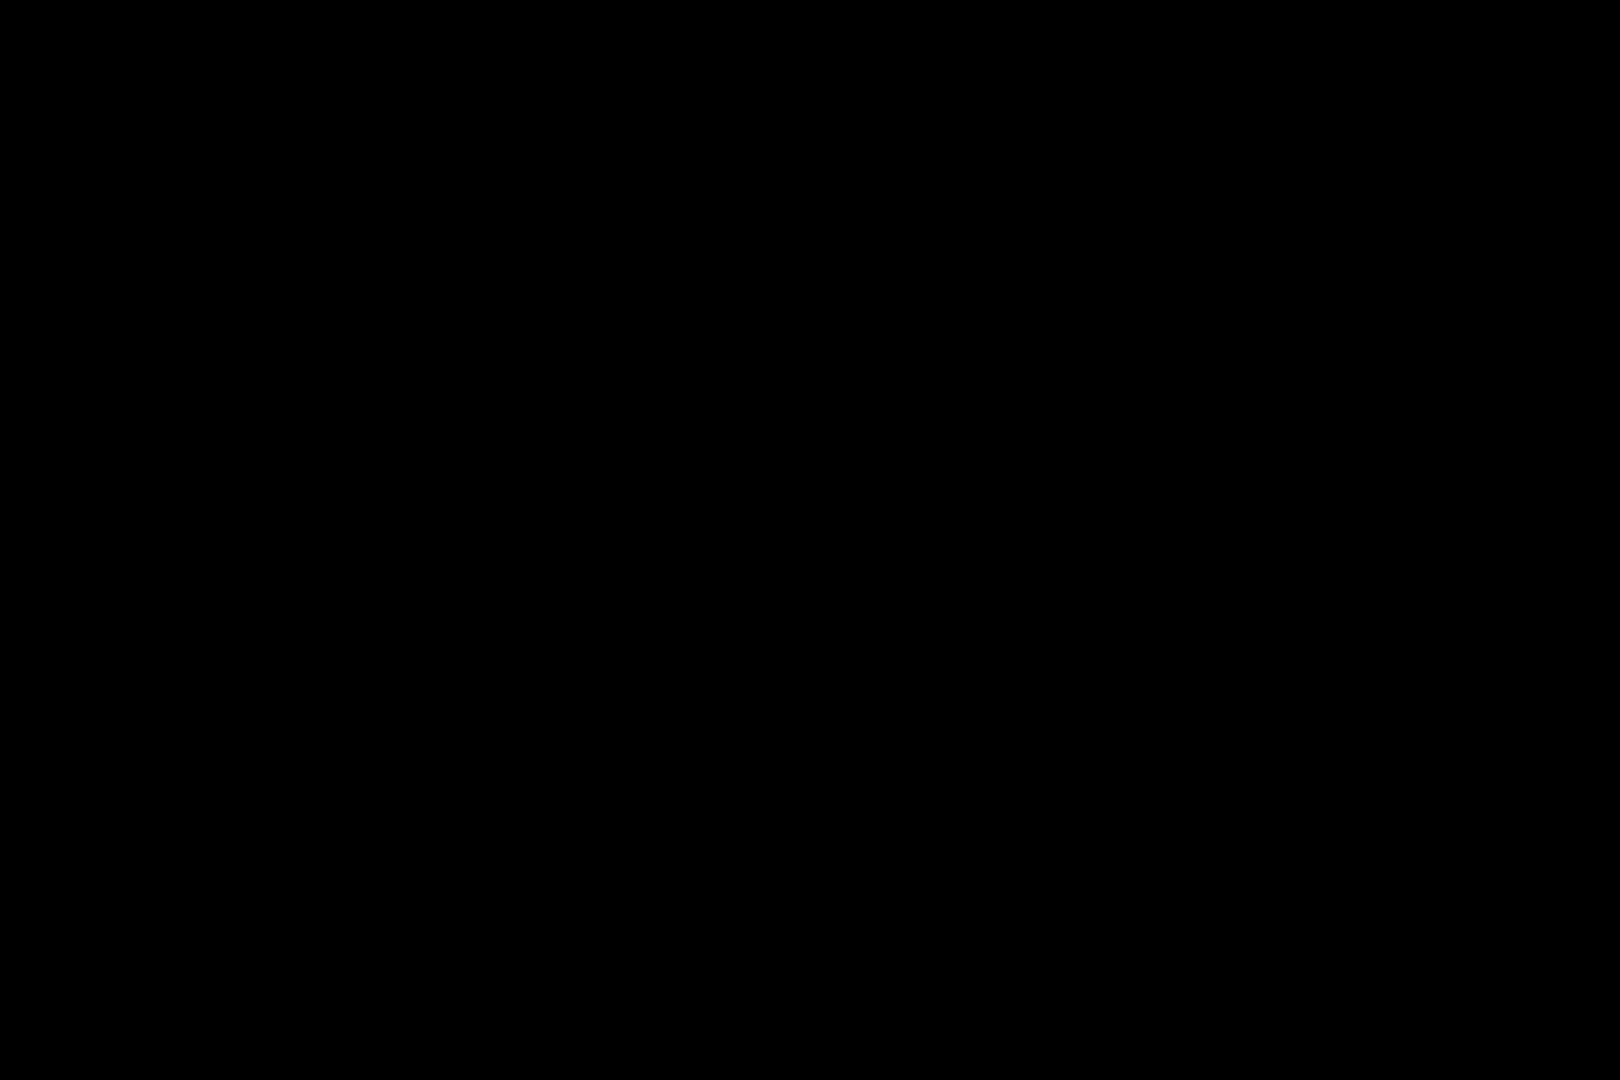 ショートカットのお姉さんは性欲旺盛~藤あいこ~ アイドルのヌード AV無料動画キャプチャ 91pic 55